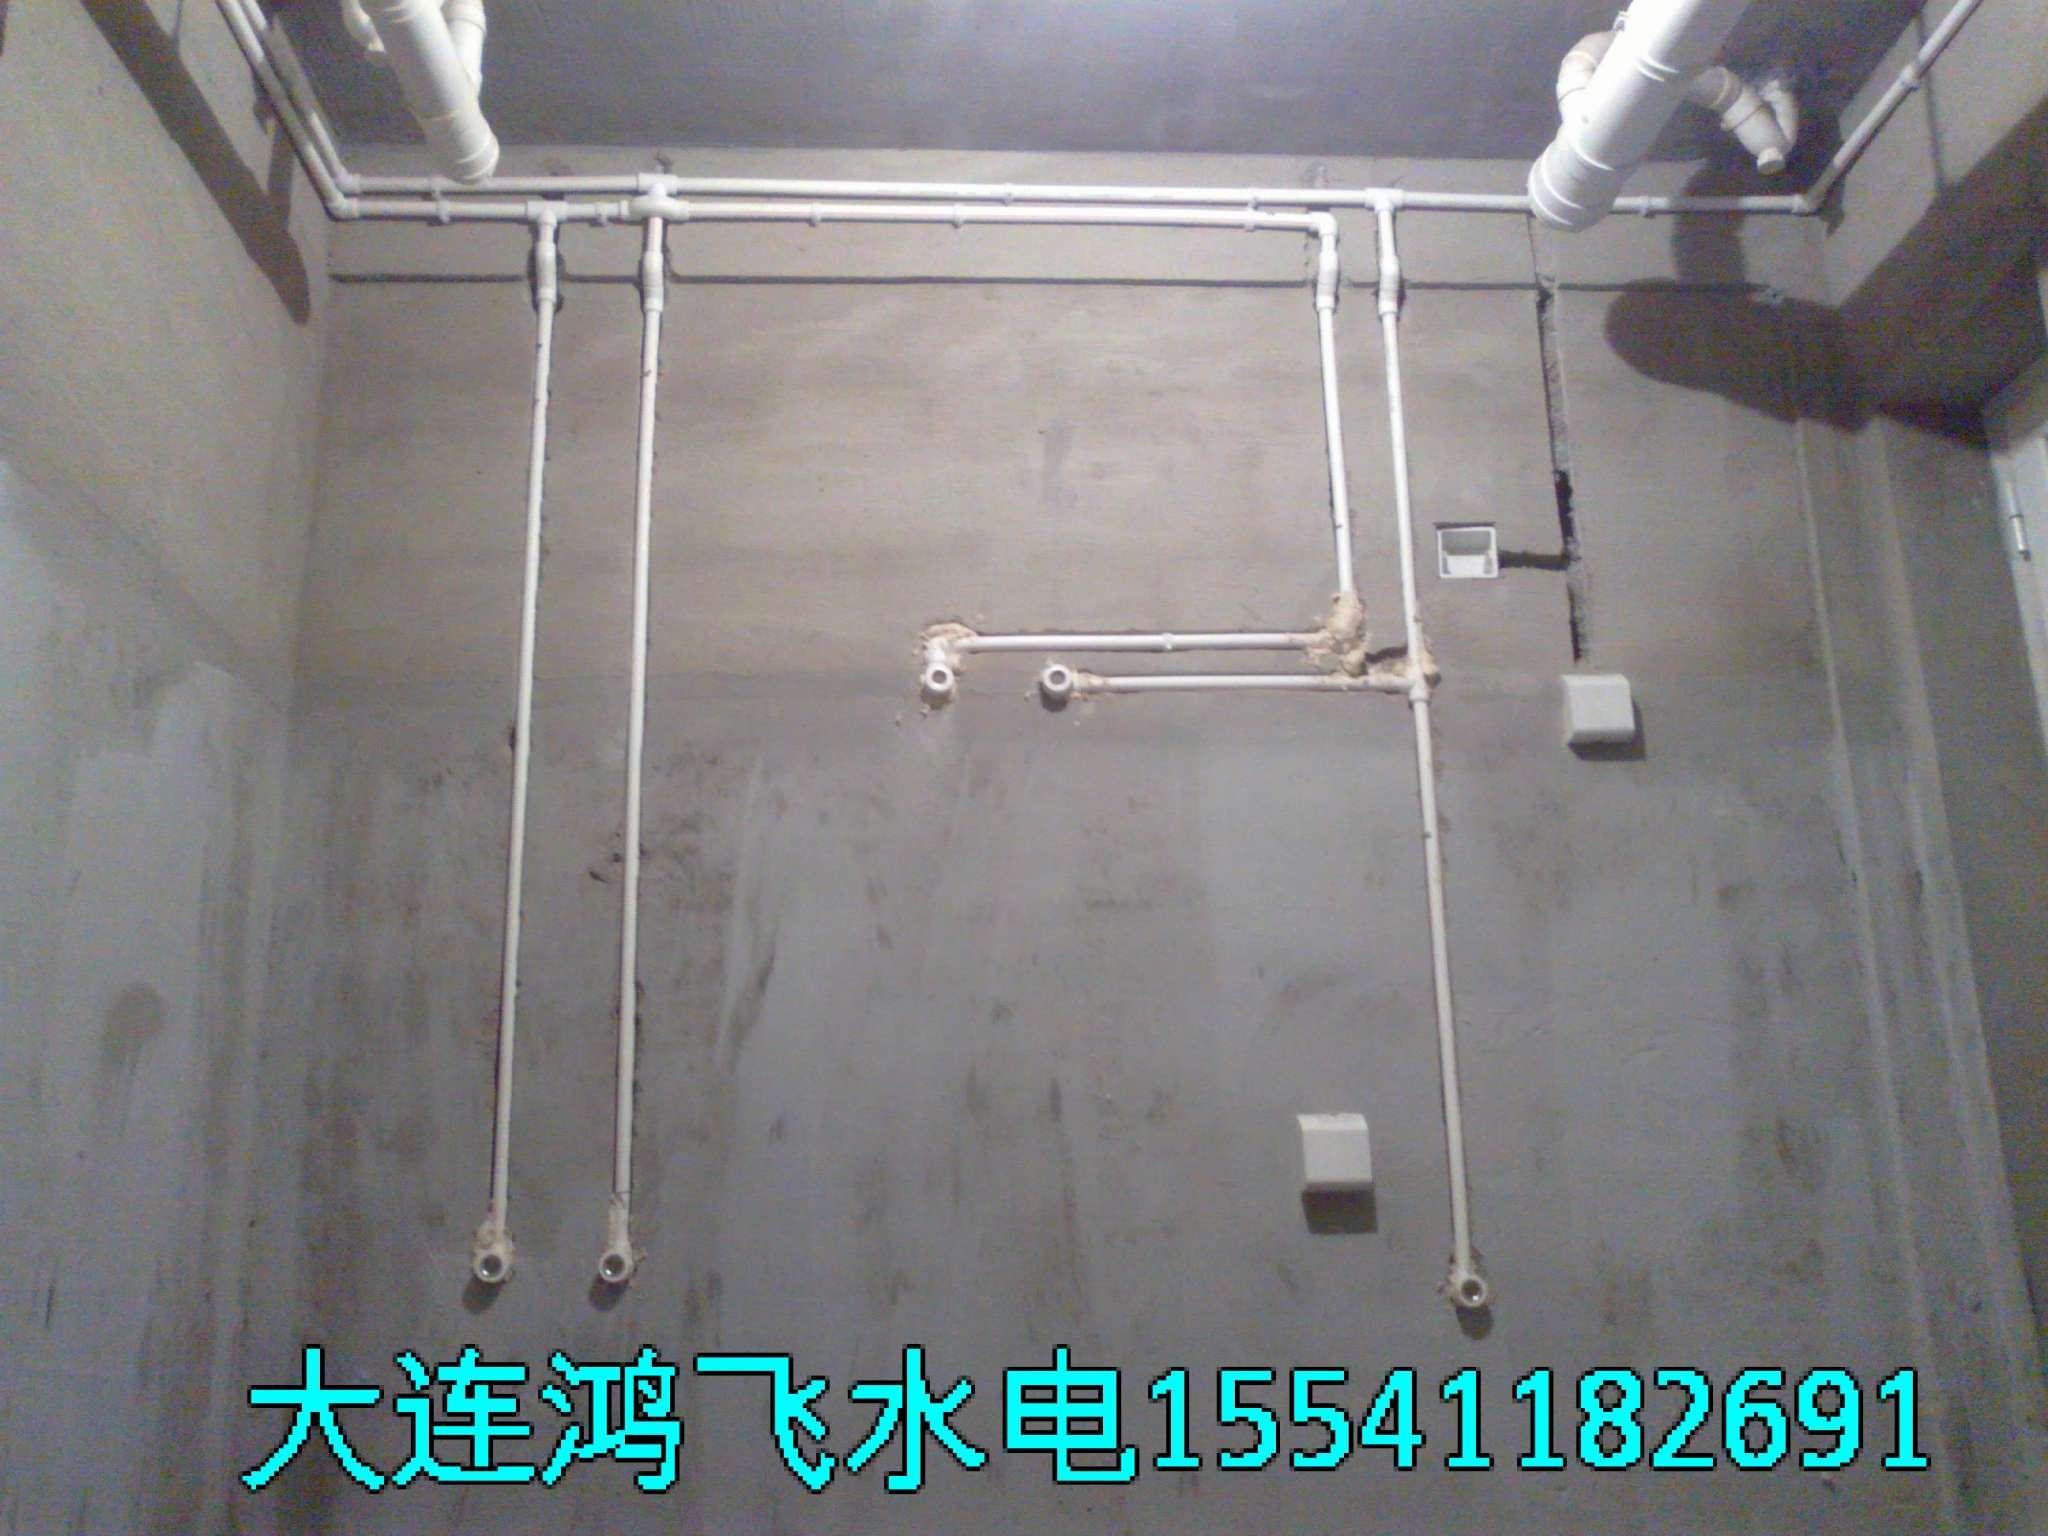 1,家装水电二次改造强电线路需采用经过国家强制3c认证标准的bv